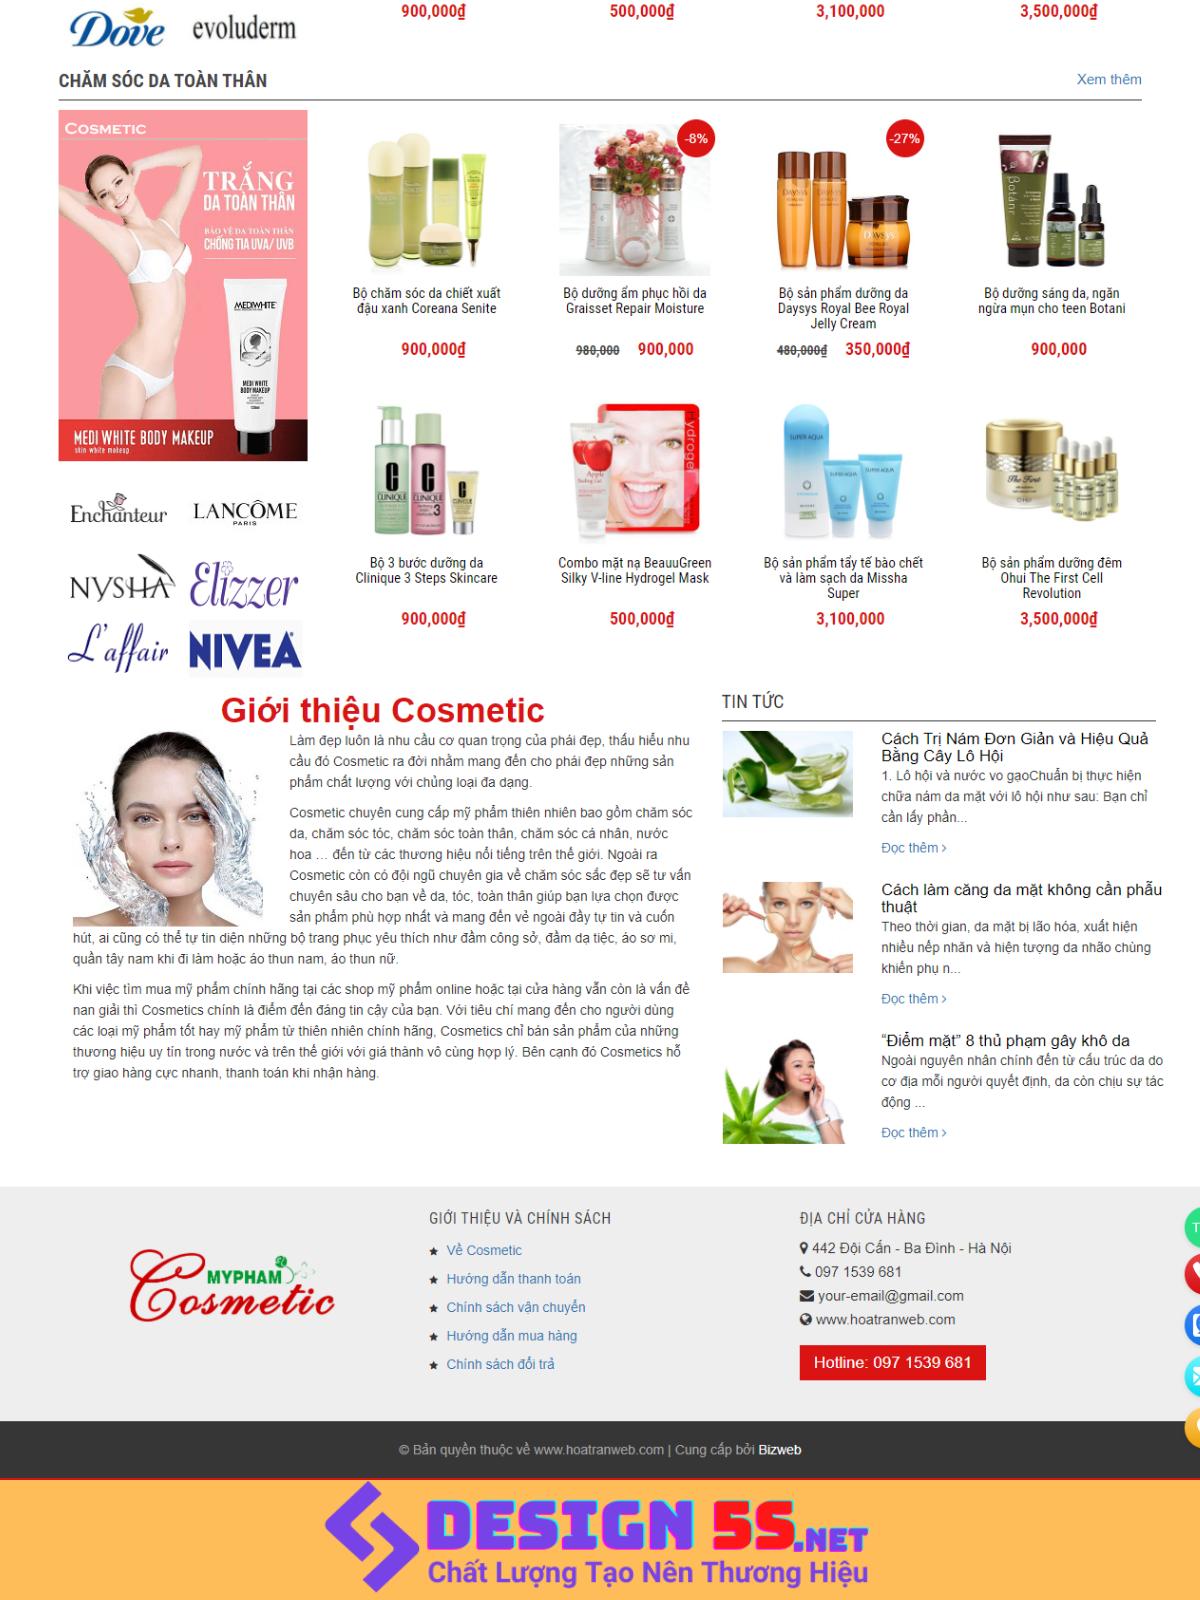 Template Blogspot Mỹ phẩm Cosmetic Miễn Phí - Ảnh 2